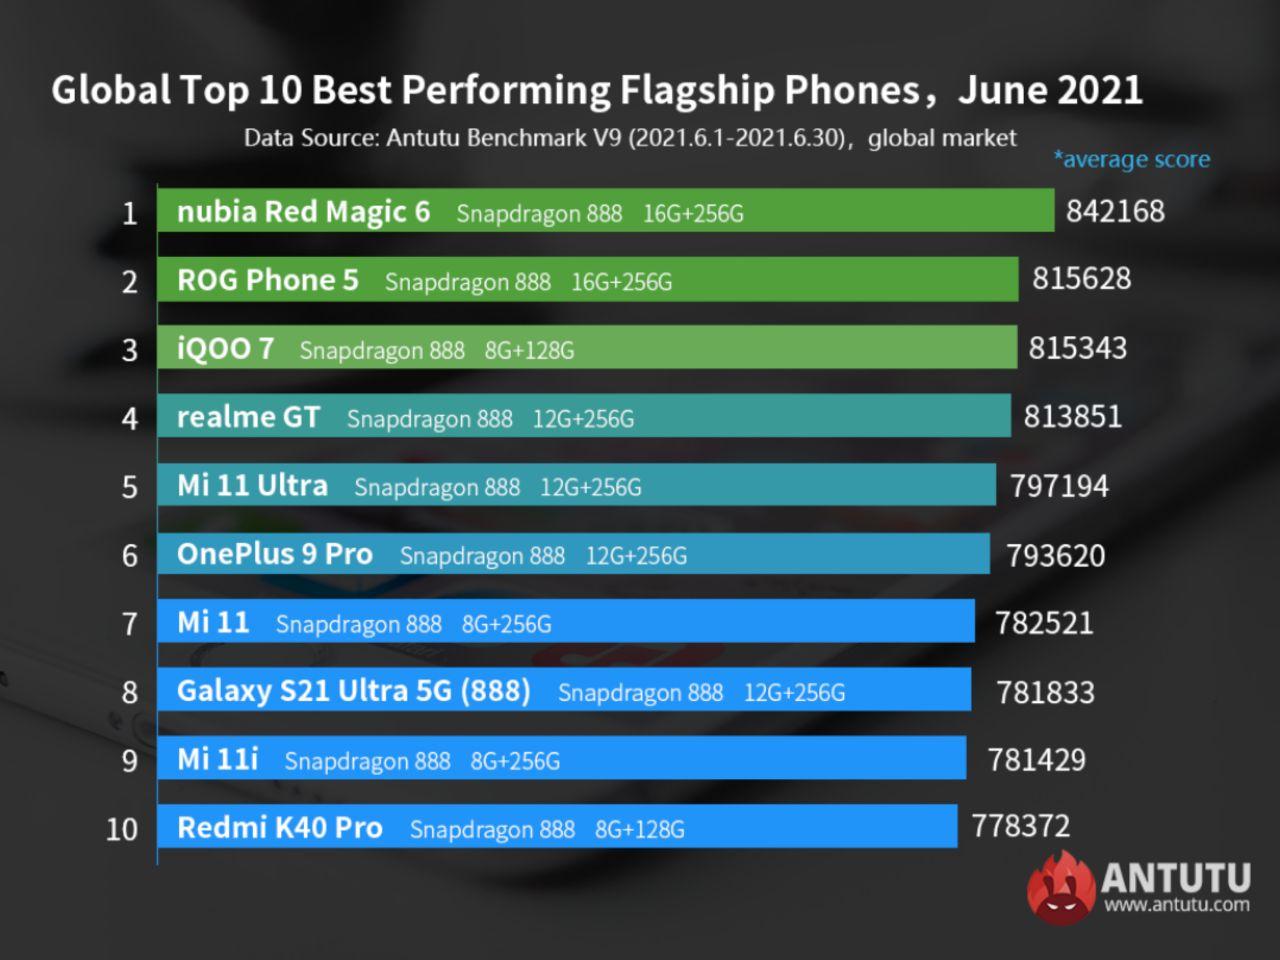 رده بندی قدرتمندترین گوشیهای اندرویدی بنچمارک انتوتو در ماه ژوئن